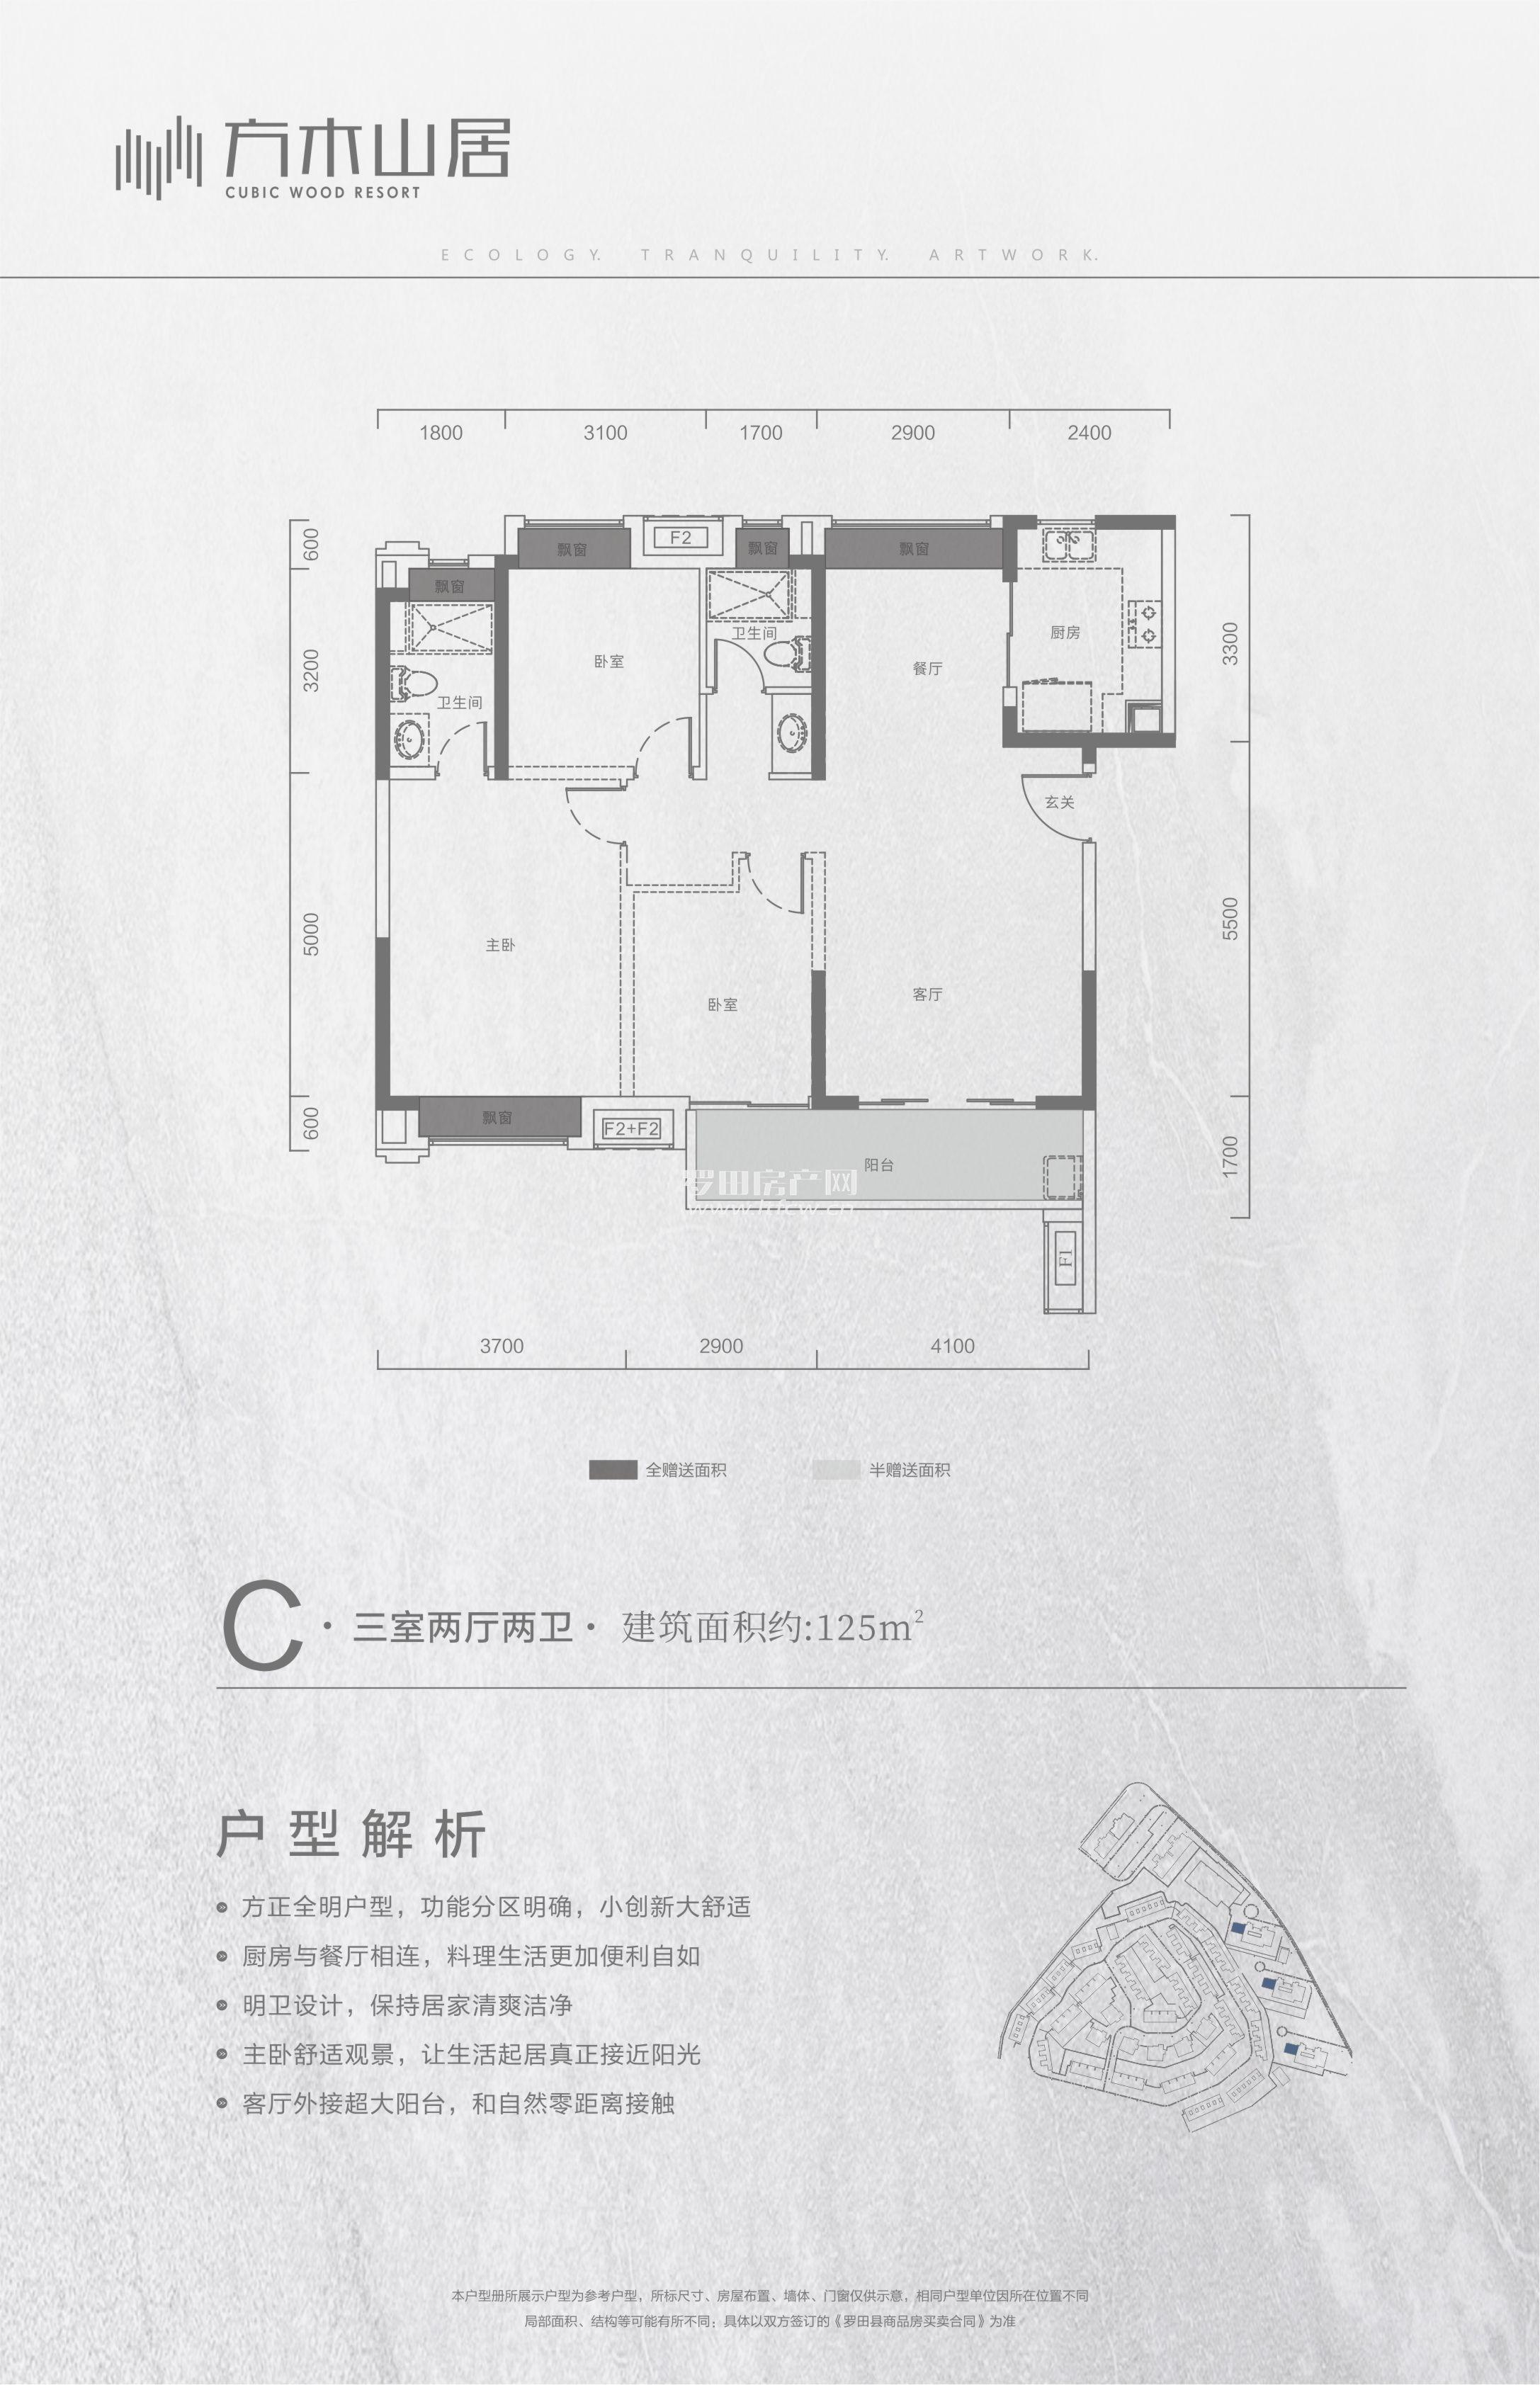 方木山居-C户型户型